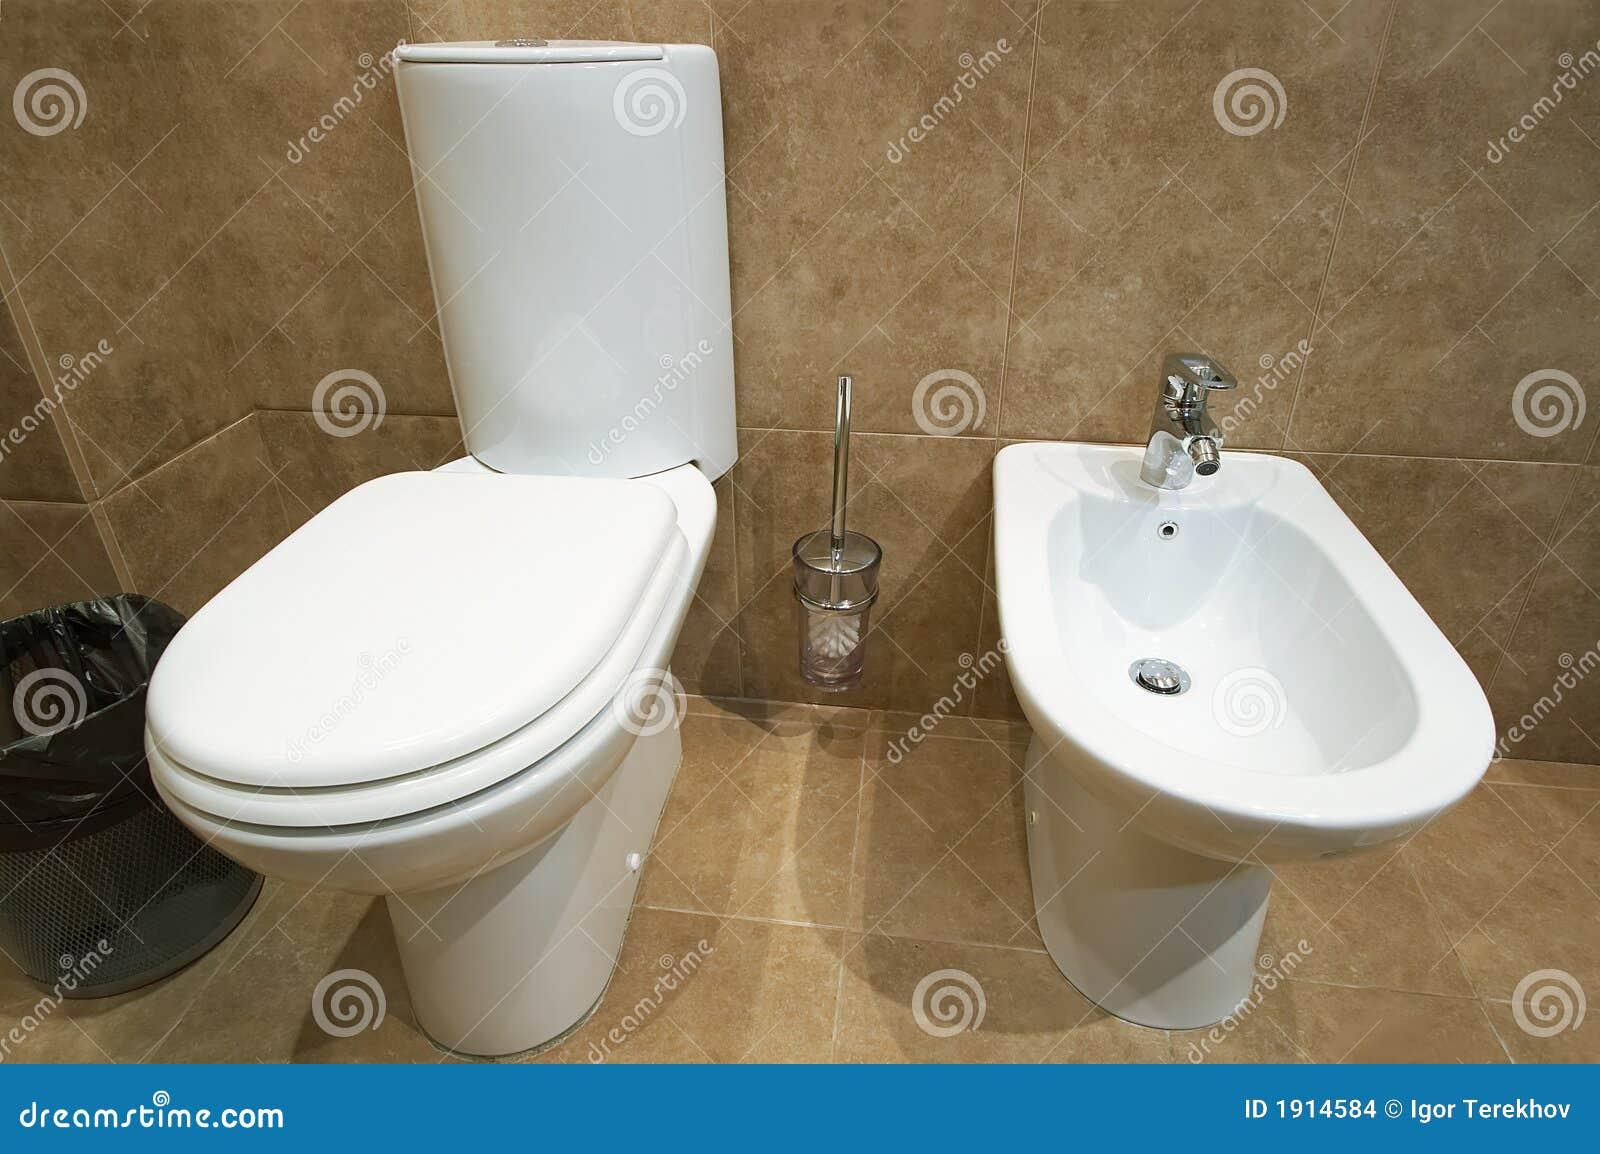 Toilet Bowl Stock Photo Image Of Neat Seat Chrome